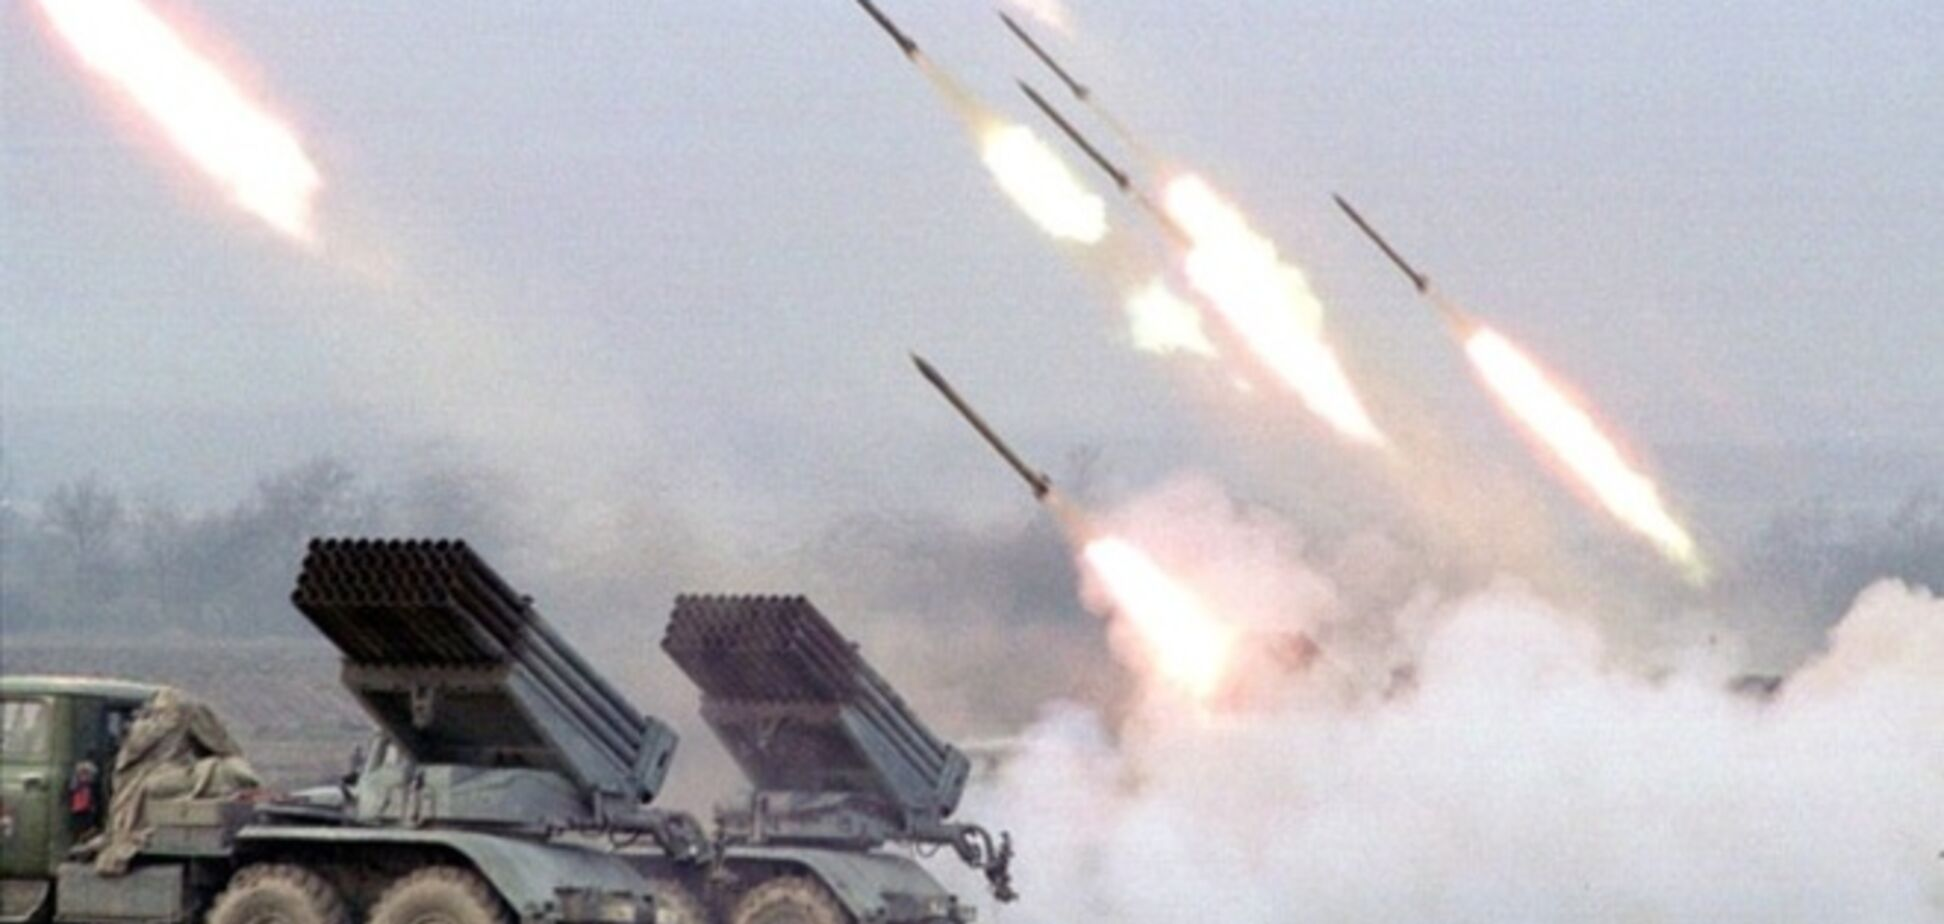 Операция 'Валькирия': получен радиоперехват того, как российские войска ведут обстрелы из 'Градов'